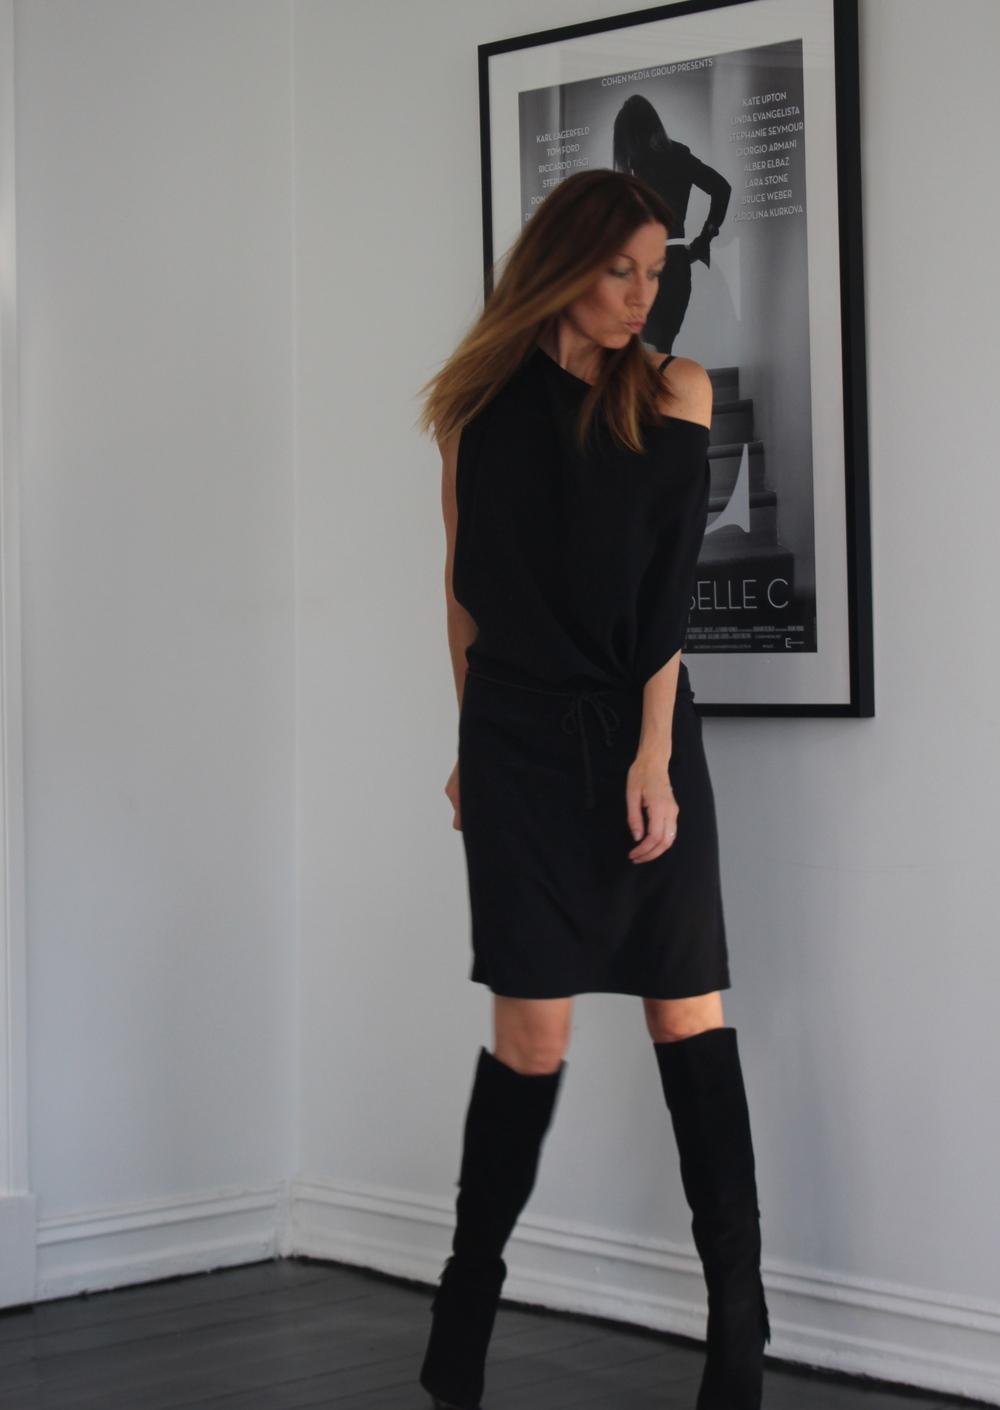 Kjole Filippa K // Veske Chanel // Boots Aquazzura